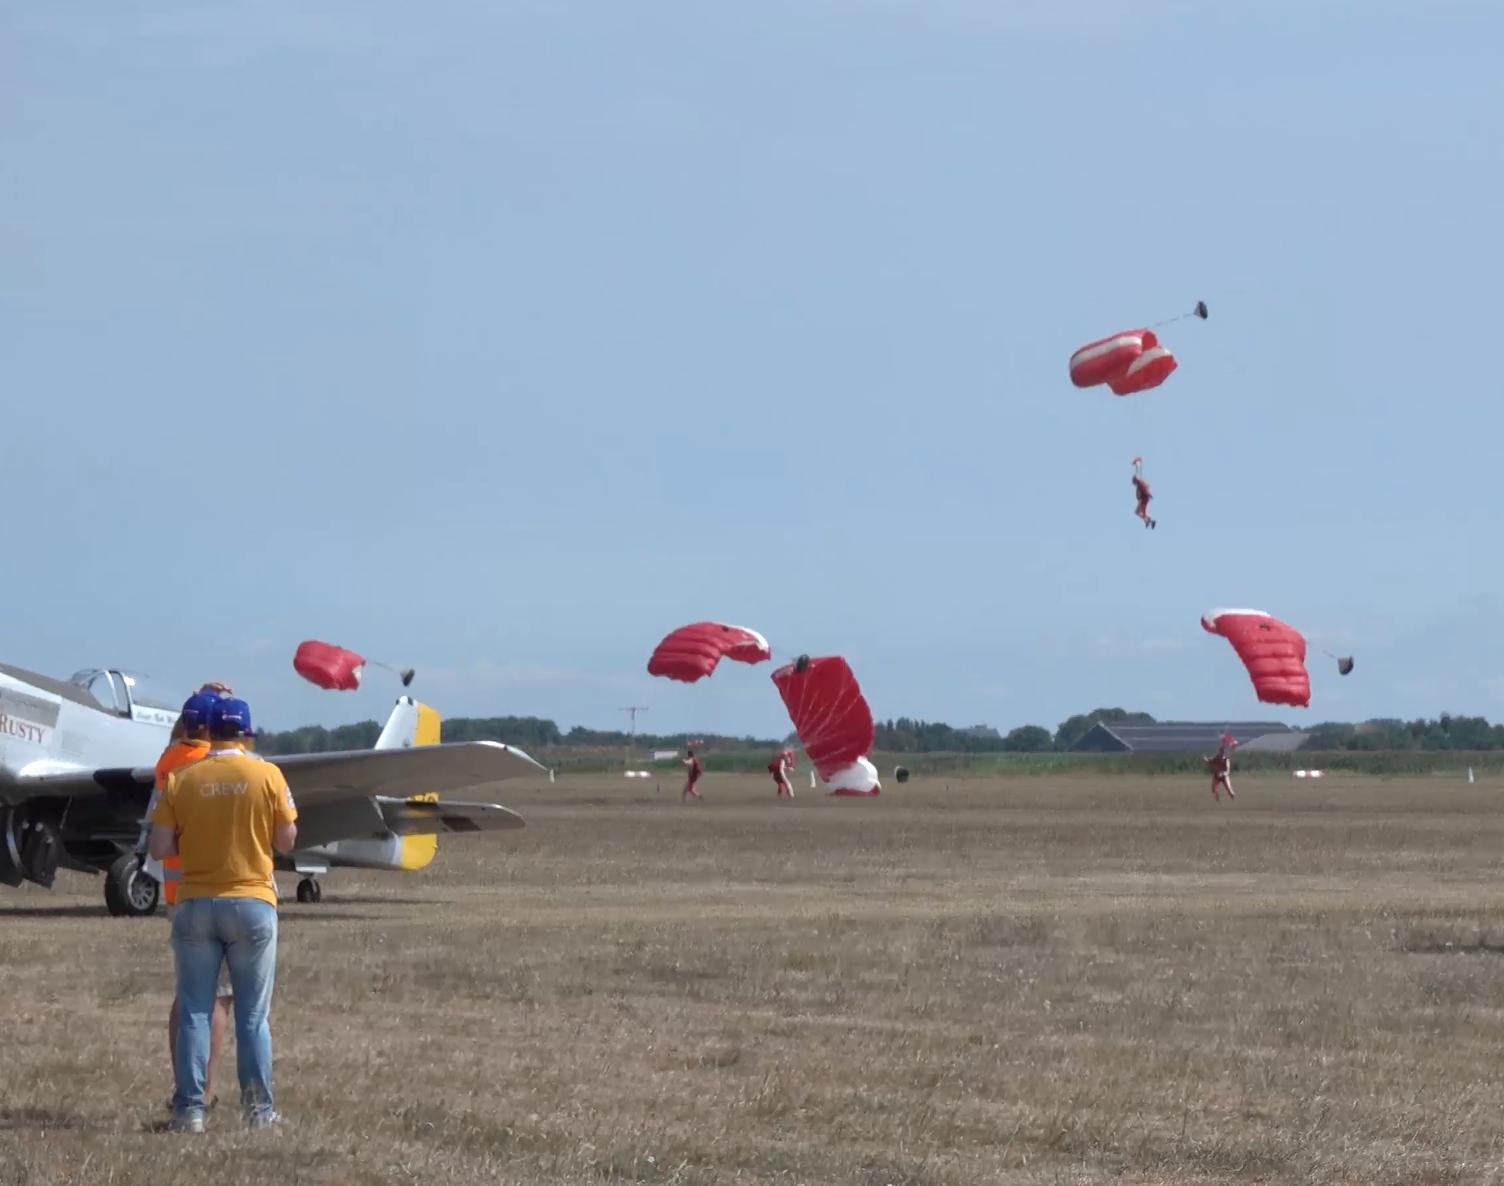 Honderden vliegtuigen en bijzondere hoogtepunten op Texel Airshow [video]